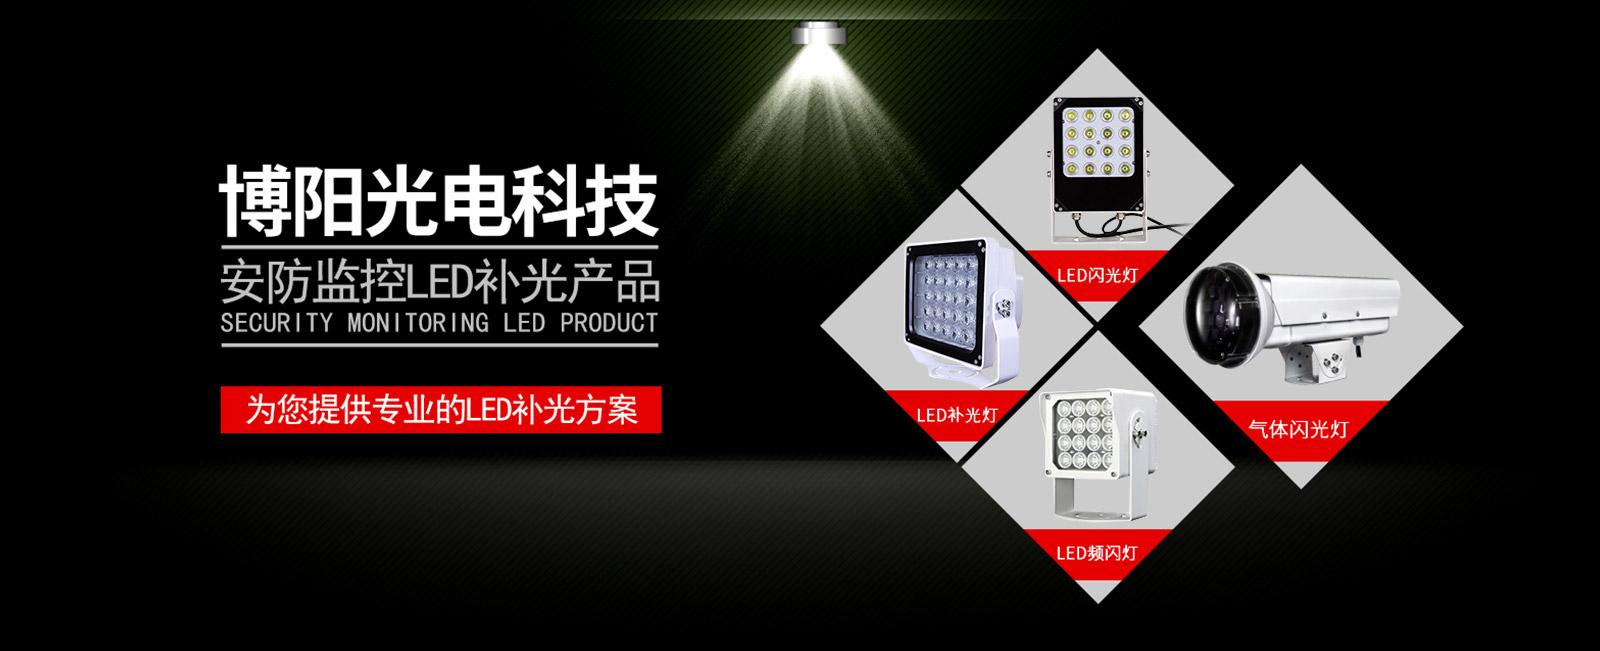 """上海""""智慧治堵"""":升级电子警察 调整信号灯"""